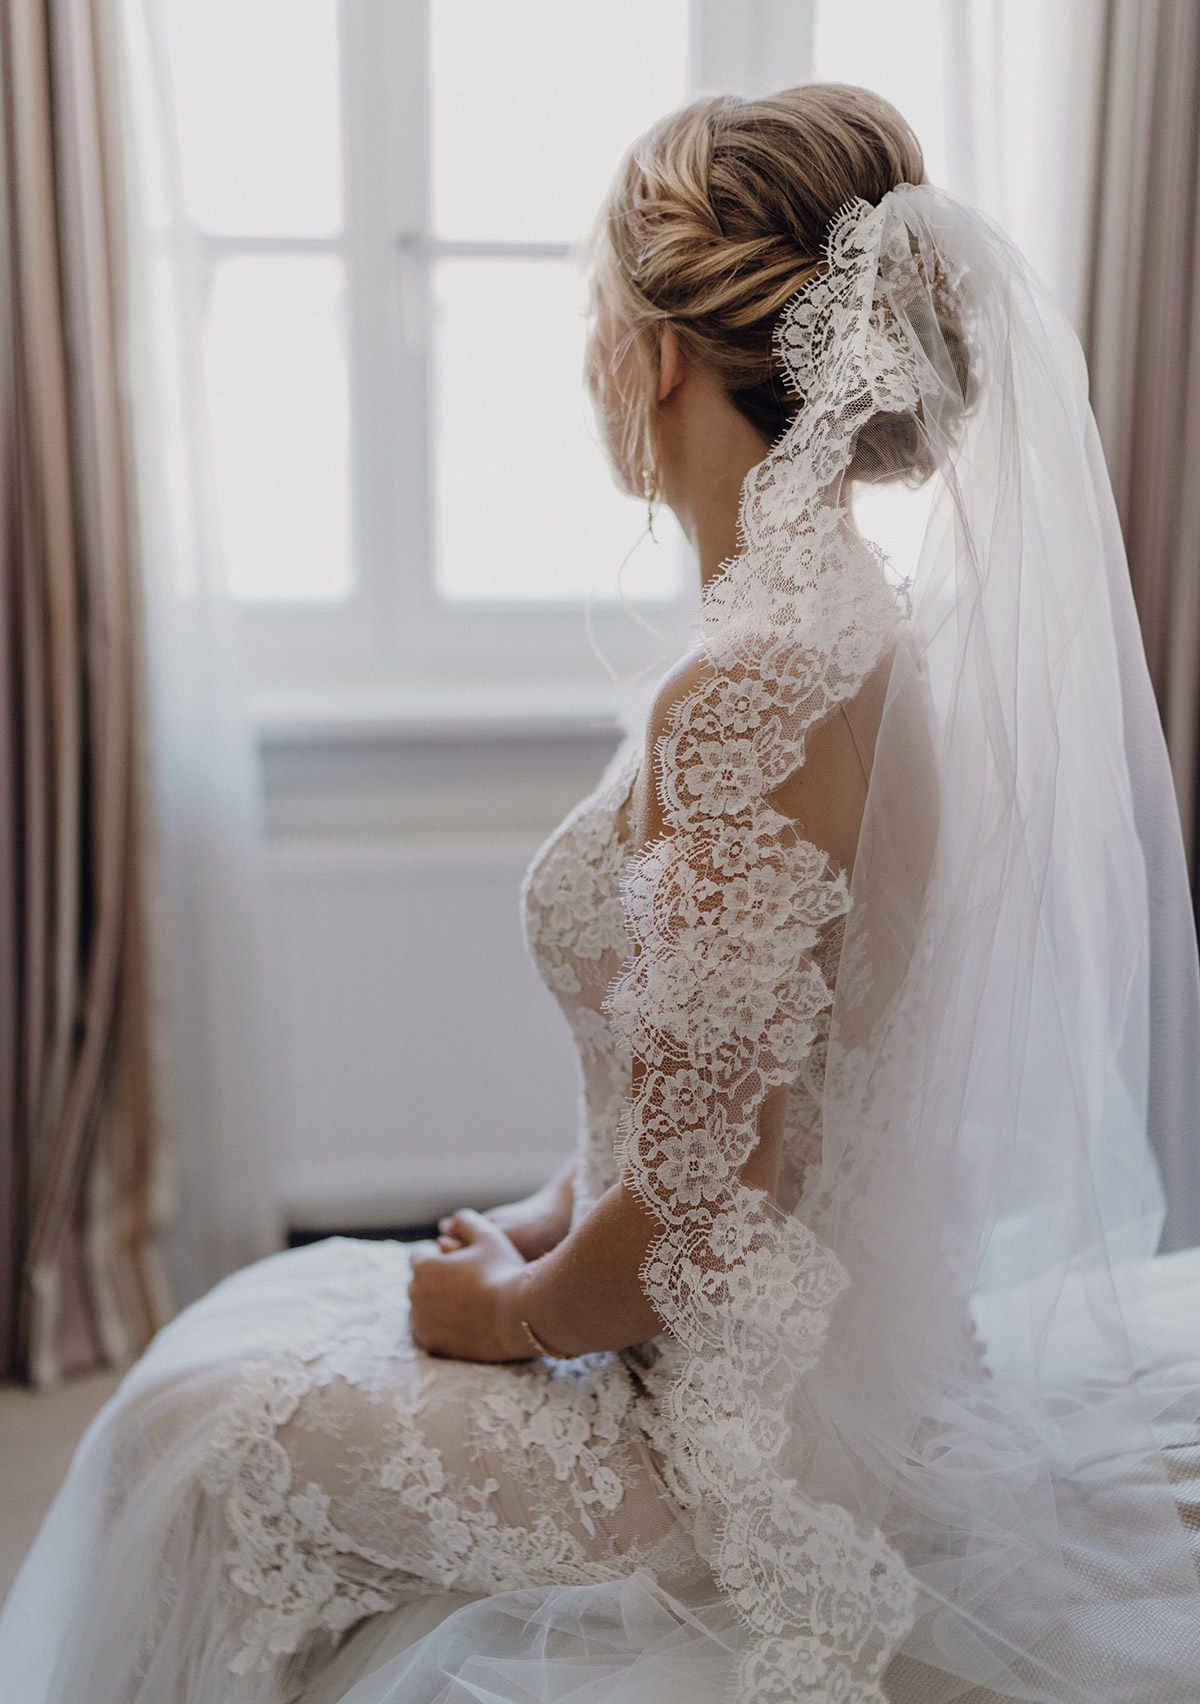 romantisches Hochzeitsfoto Braut mit Spitzenkleid Pronovias und Schleier - Schloss Glienicke Hochzeitsfotograf Potsdam © www.hochzeitslicht.de